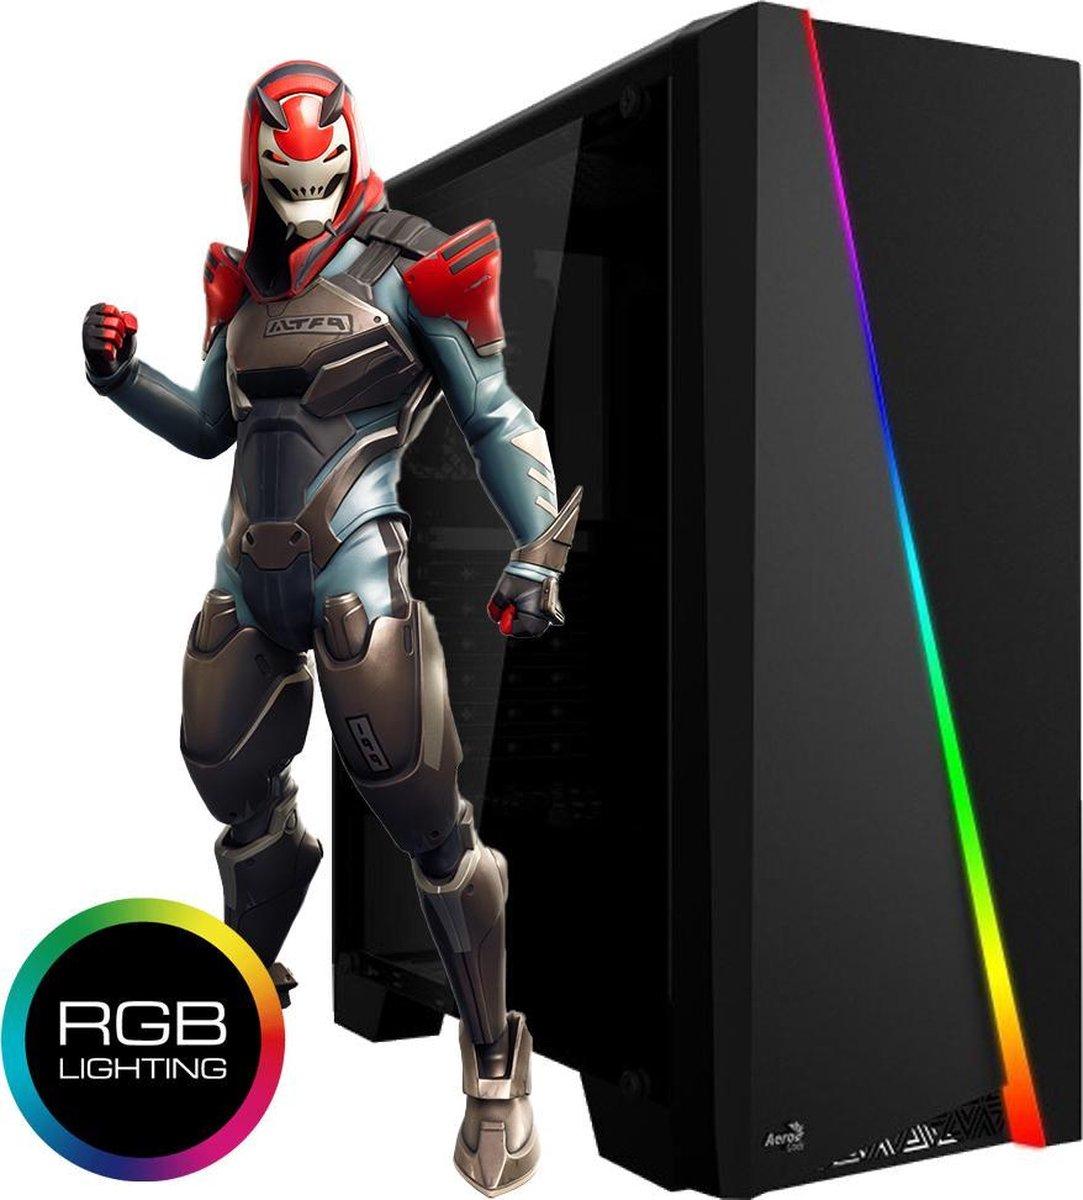 AMD Ryzen 5 | Geforce GTX 1030 | Game PC | 16 GB ram | 240 GB SSD | Geschikt voor: Fortnite, Minecraft, Sims 4 en League of Legends